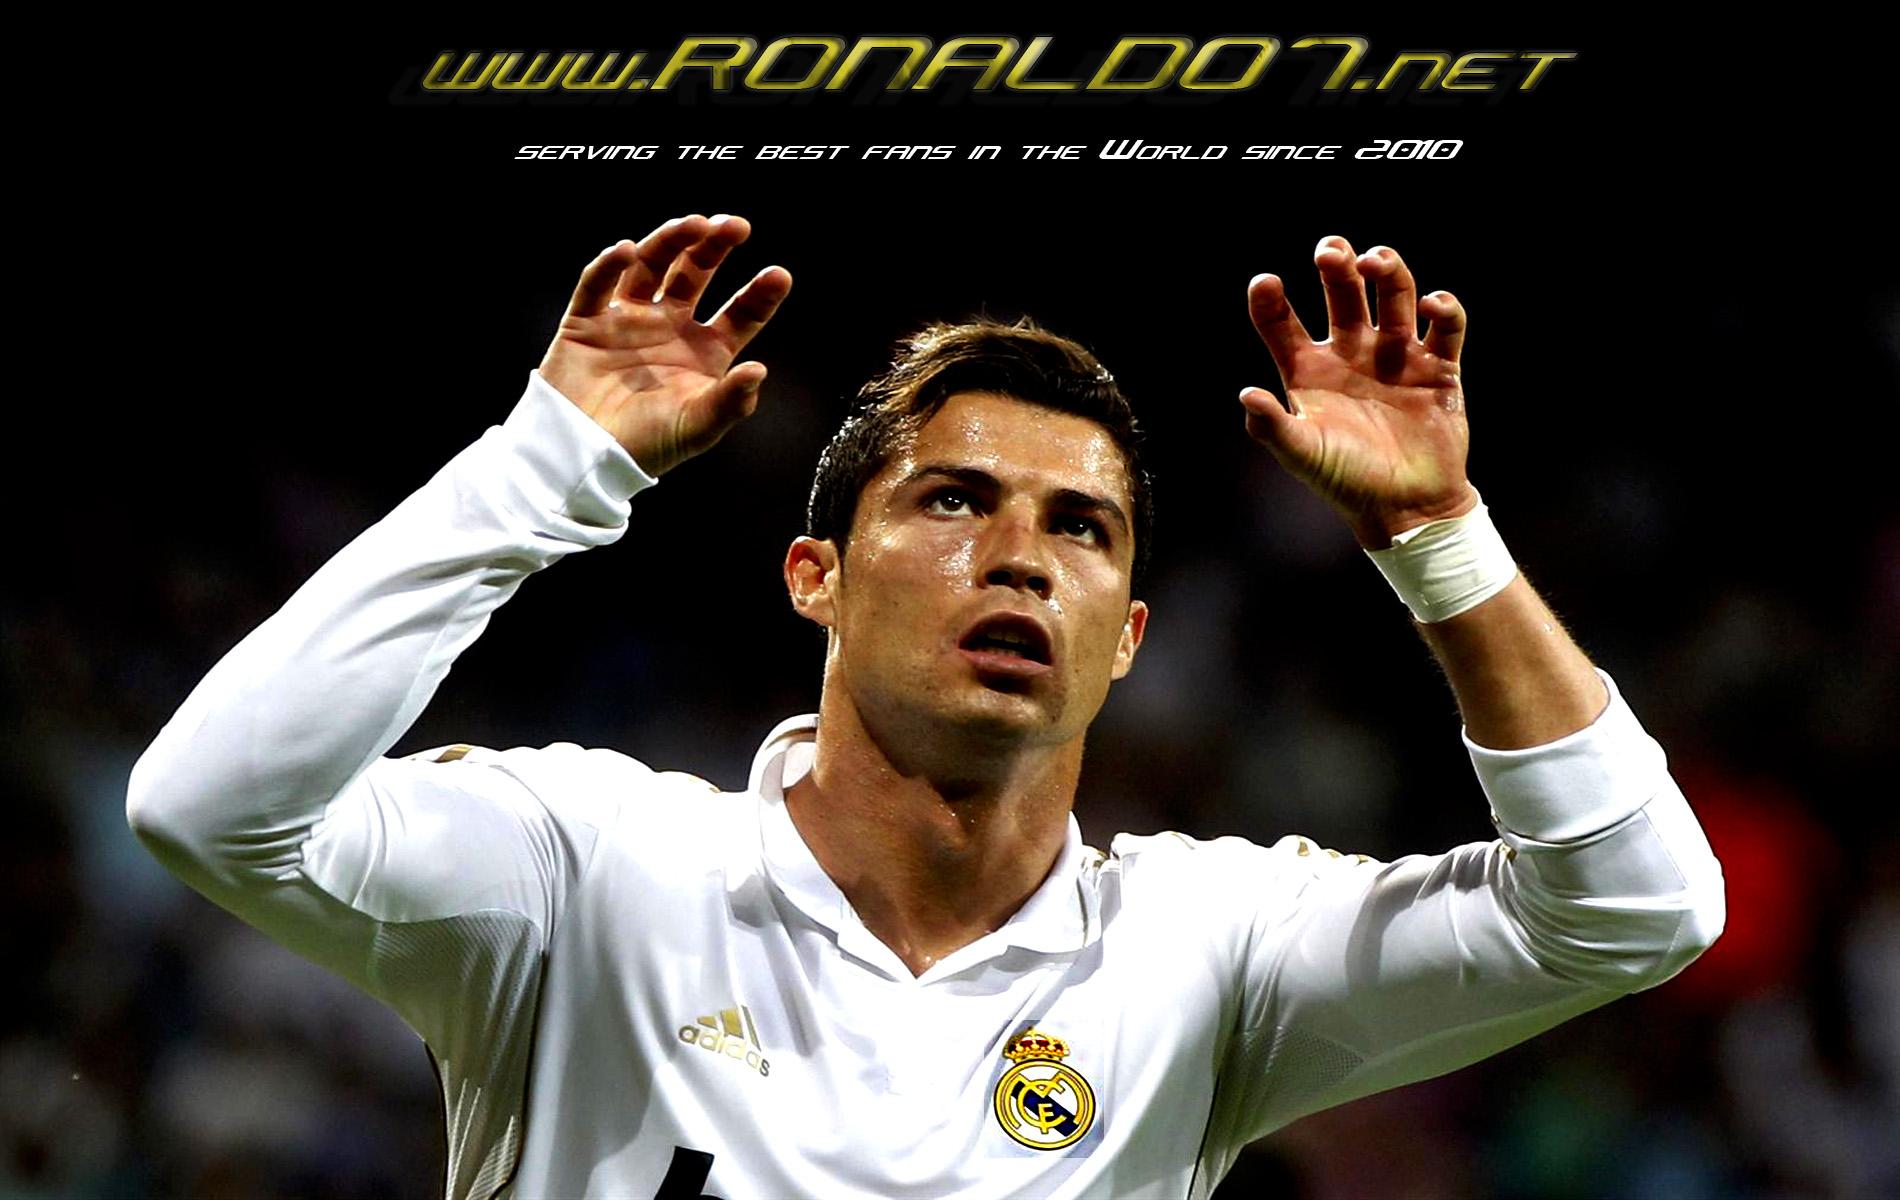 عکس های رونالدو 2012